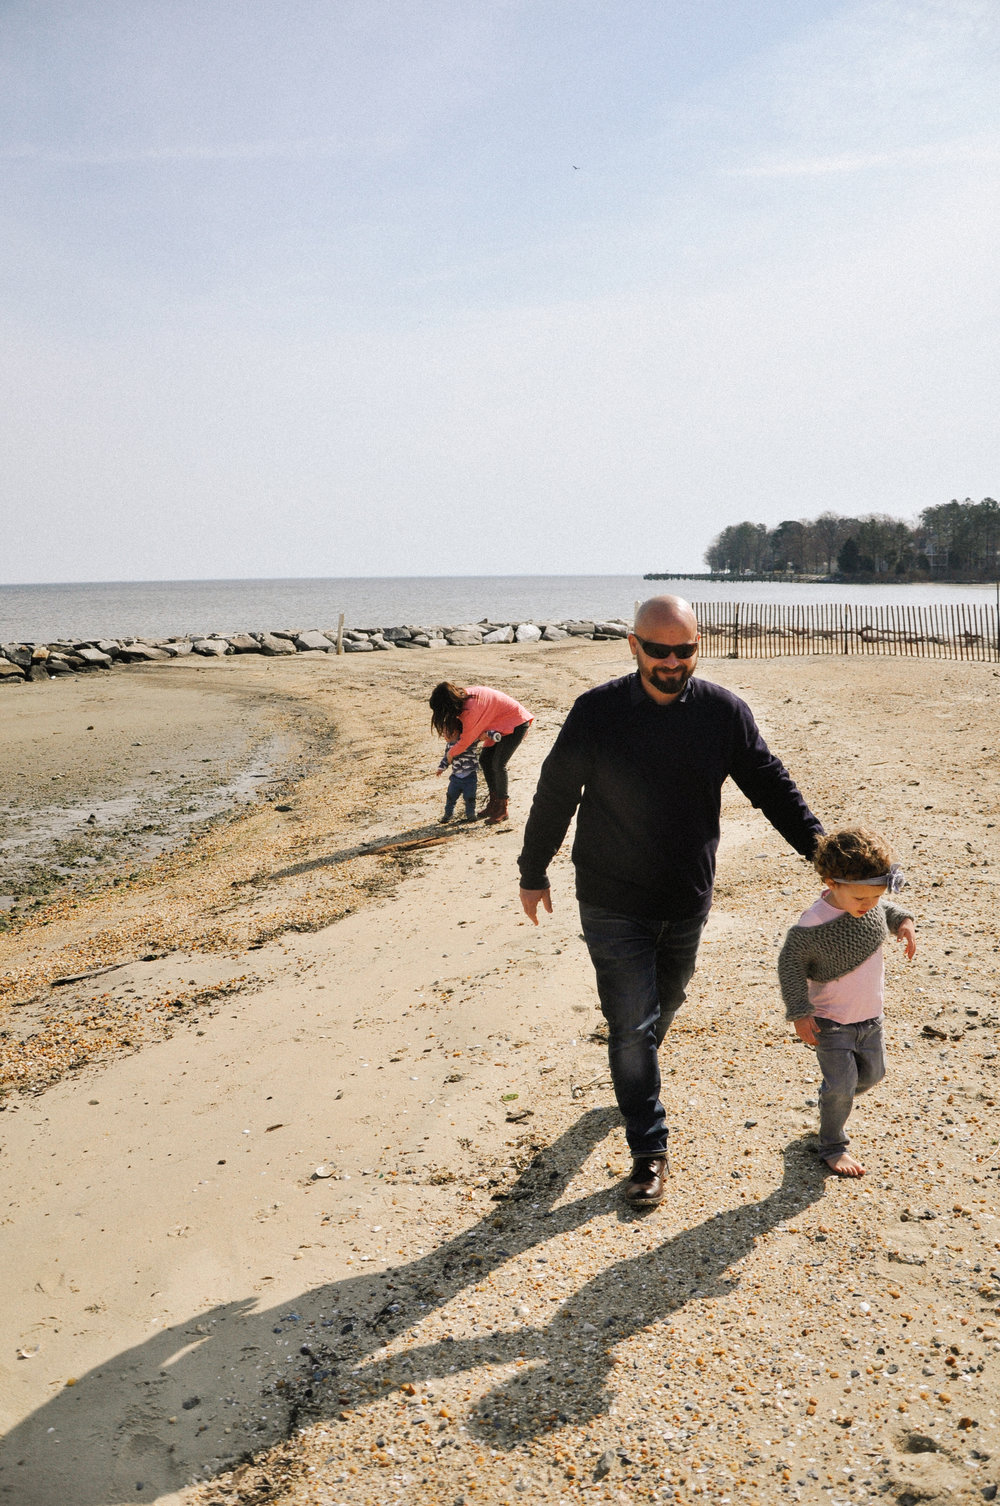 family-marina-morning beach scenes.jpg